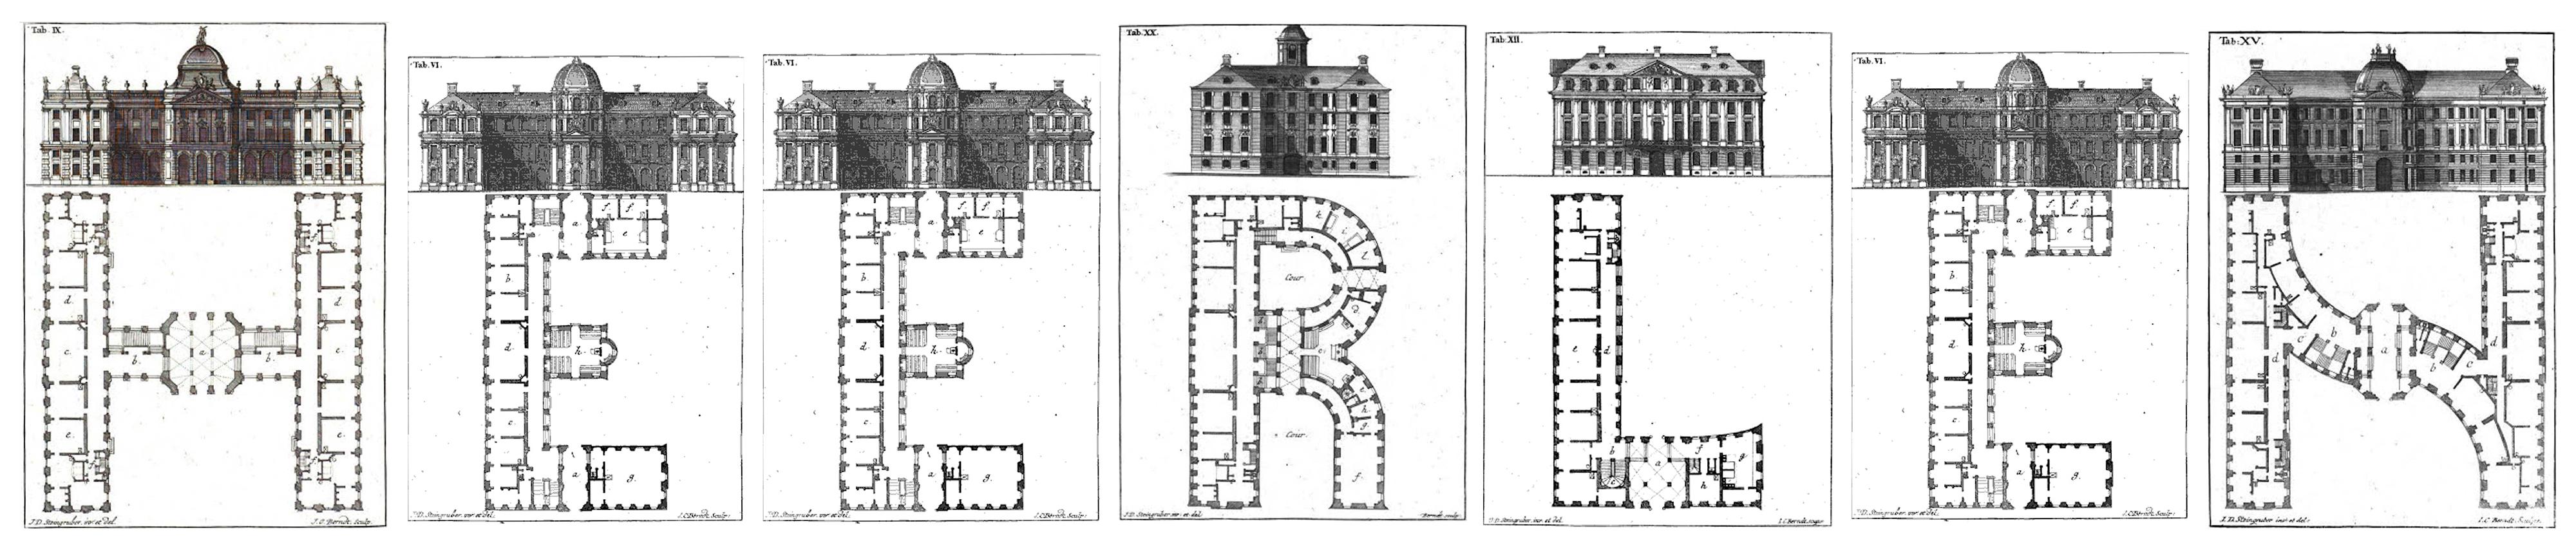 Architectural Alphabet by Johan David Steingruber (1773)